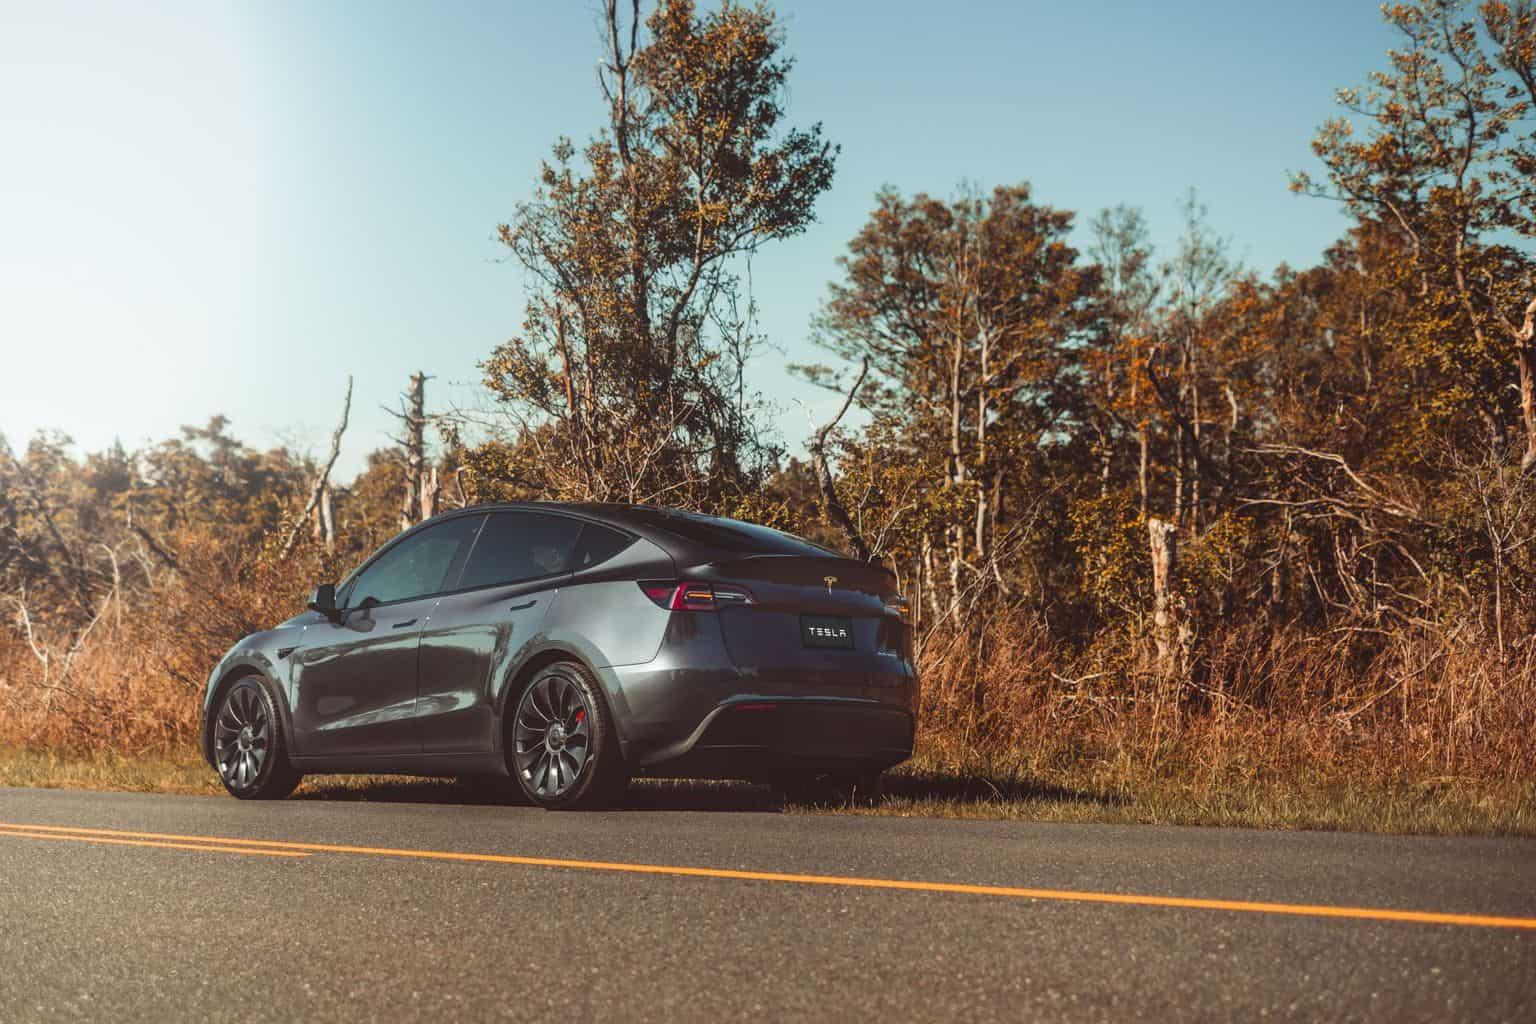 Tesla streicht billigstes Model Y - Elon Musk sagt, die Reichweite sei zu gering